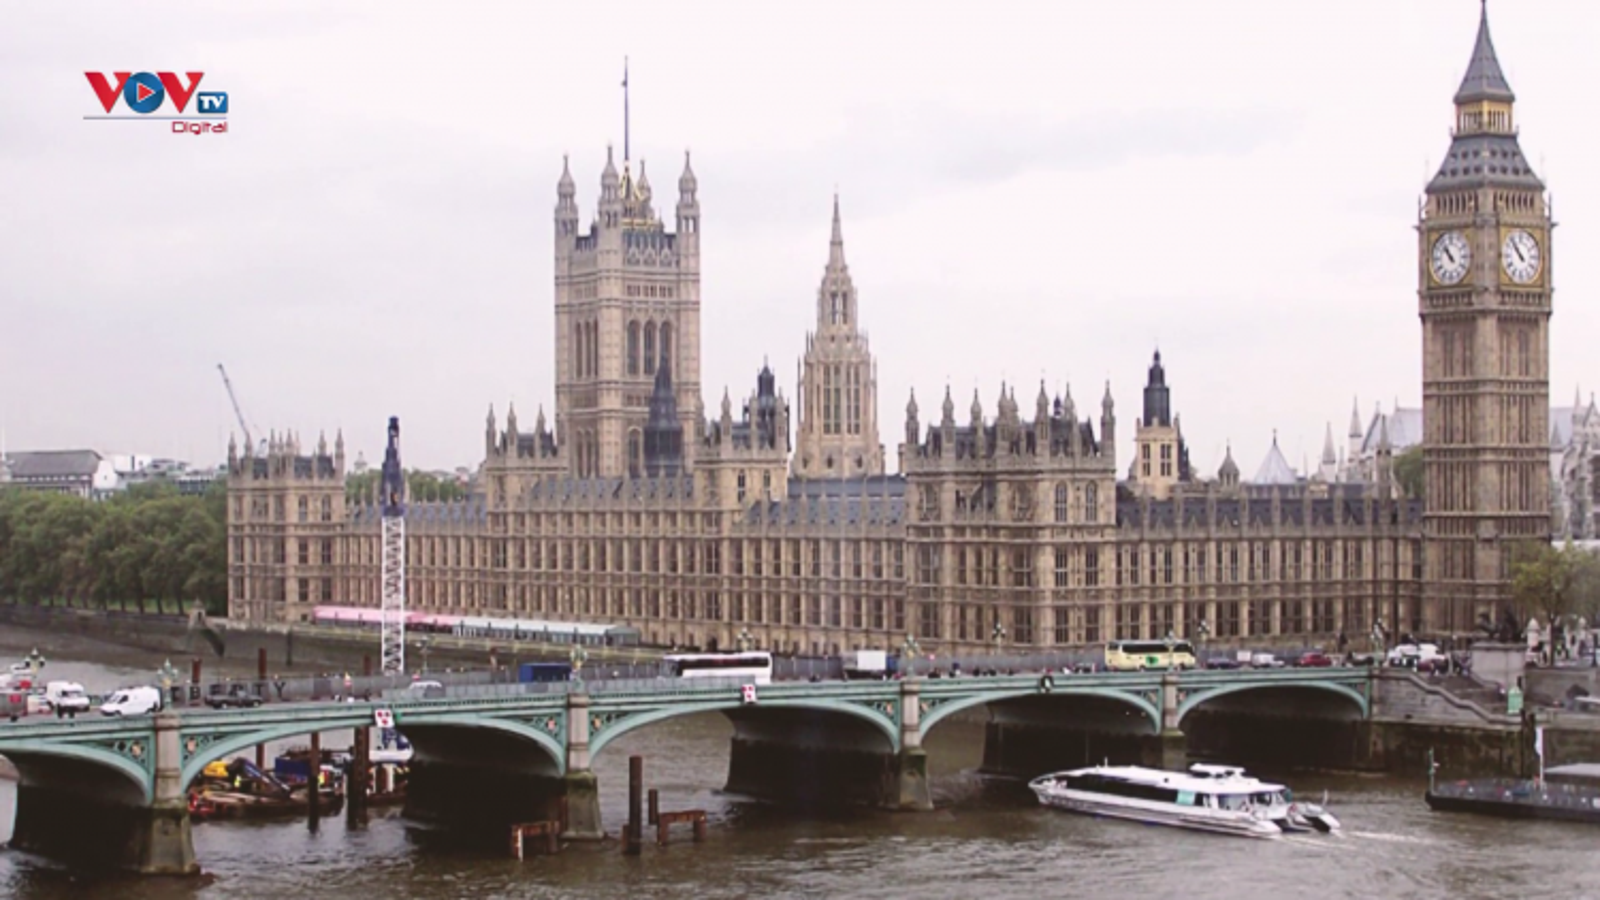 Khám phá các thành phố chủ nhà Euro 2020: London và Glasgow, Vương quốc Anh